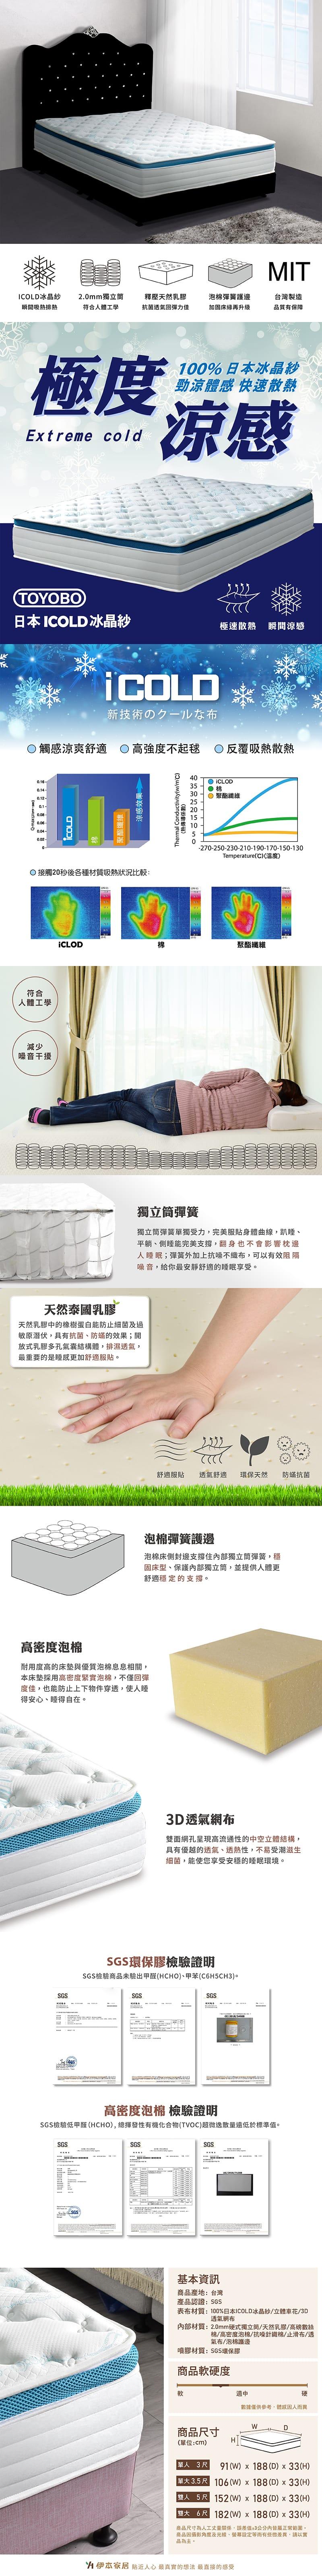 冰晶紗涼感乳膠獨立筒床墊 雙人5尺(尊榮系列)